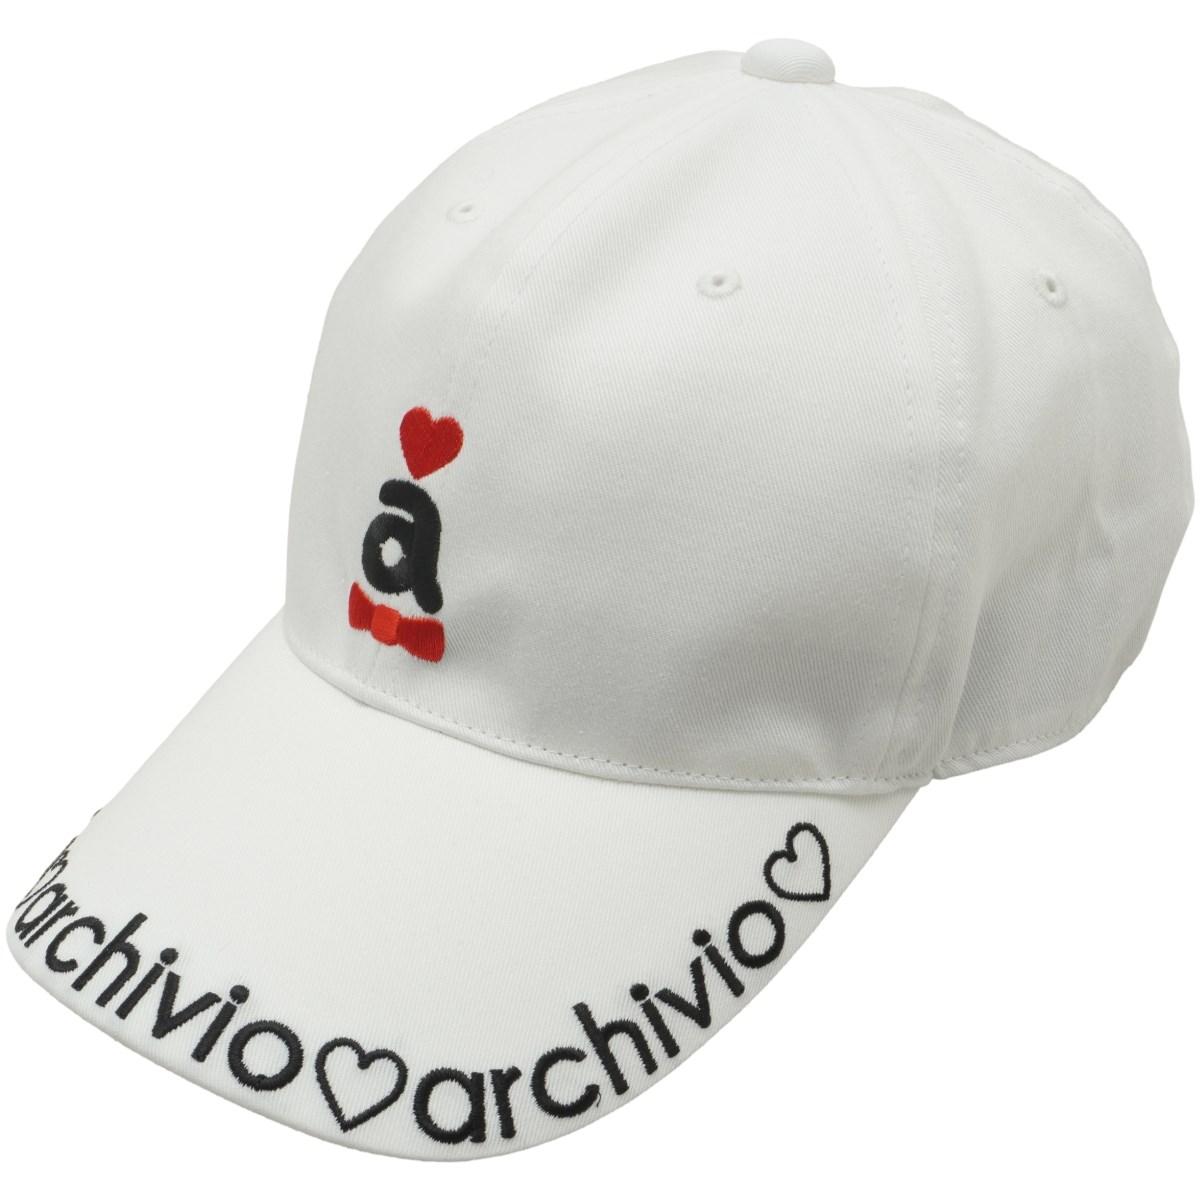 アルチビオ archivio キャップ フリー ホワイト 090 レディス